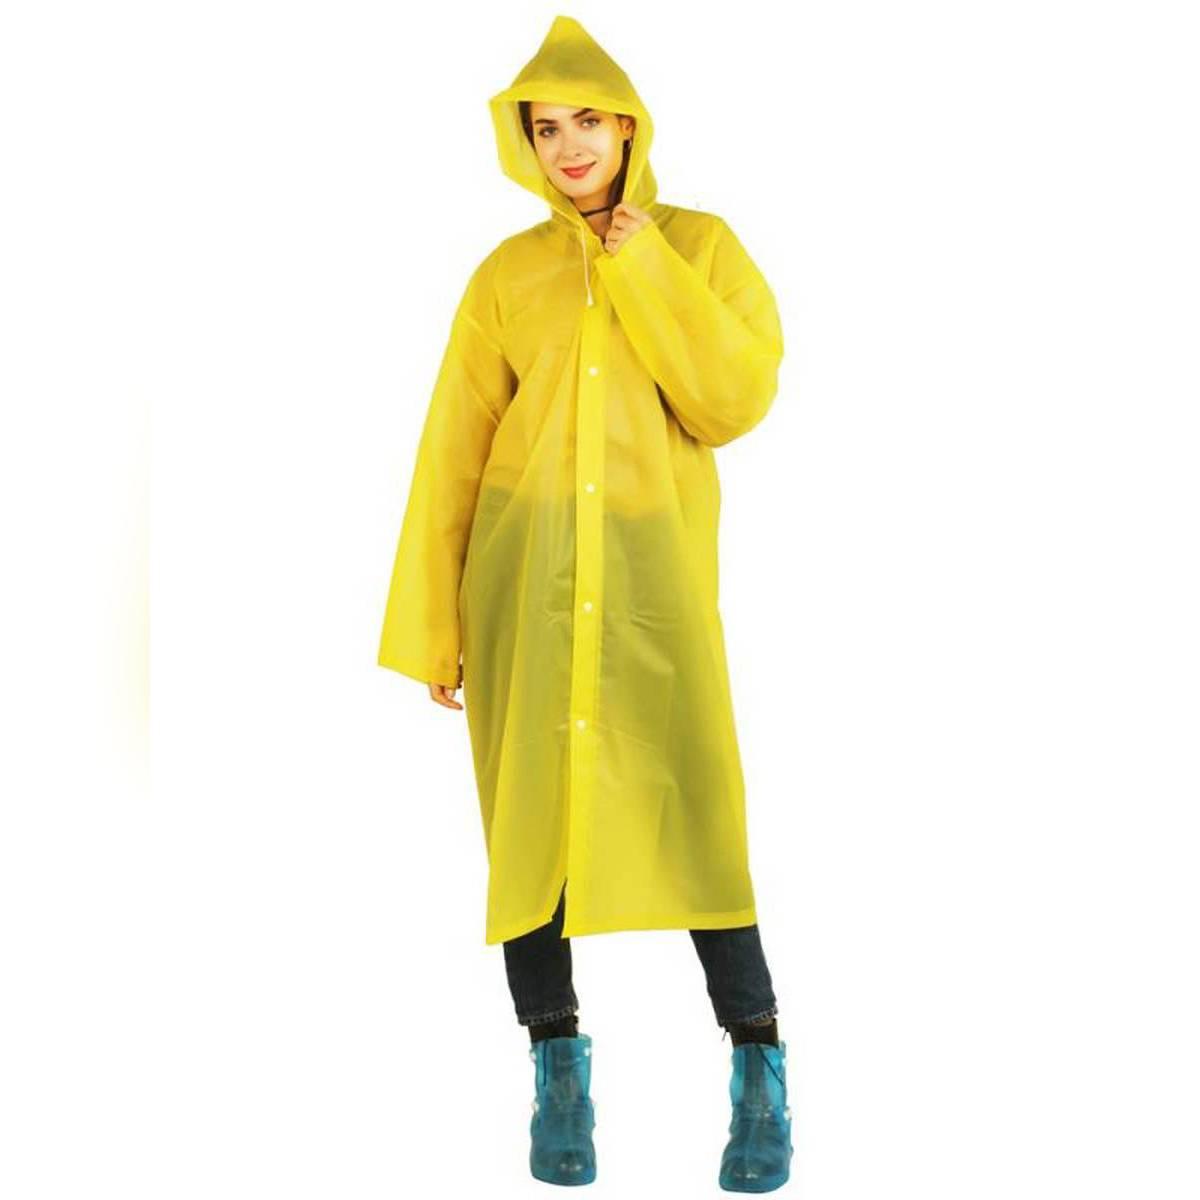 raincoat / barsati Rain coat 100% waterproof eva (plastic) material